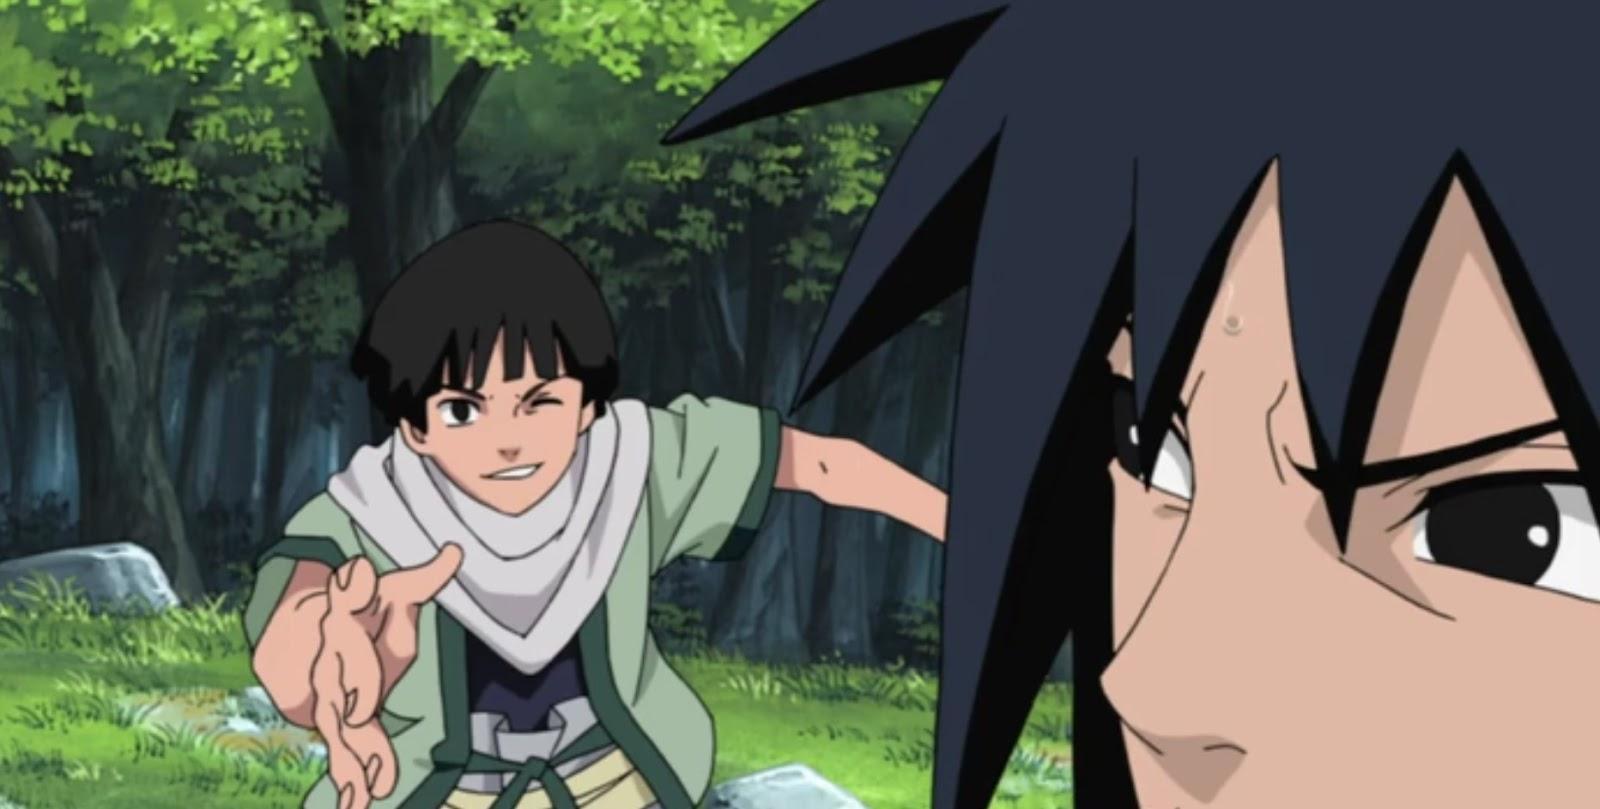 Naruto Shippuden Episódio 367, Assistir Naruto Shippuden Episódio 367, Assistir Naruto Shippuden Todos os Episódios Legendado, Naruto Shippuden episódio 367,HD